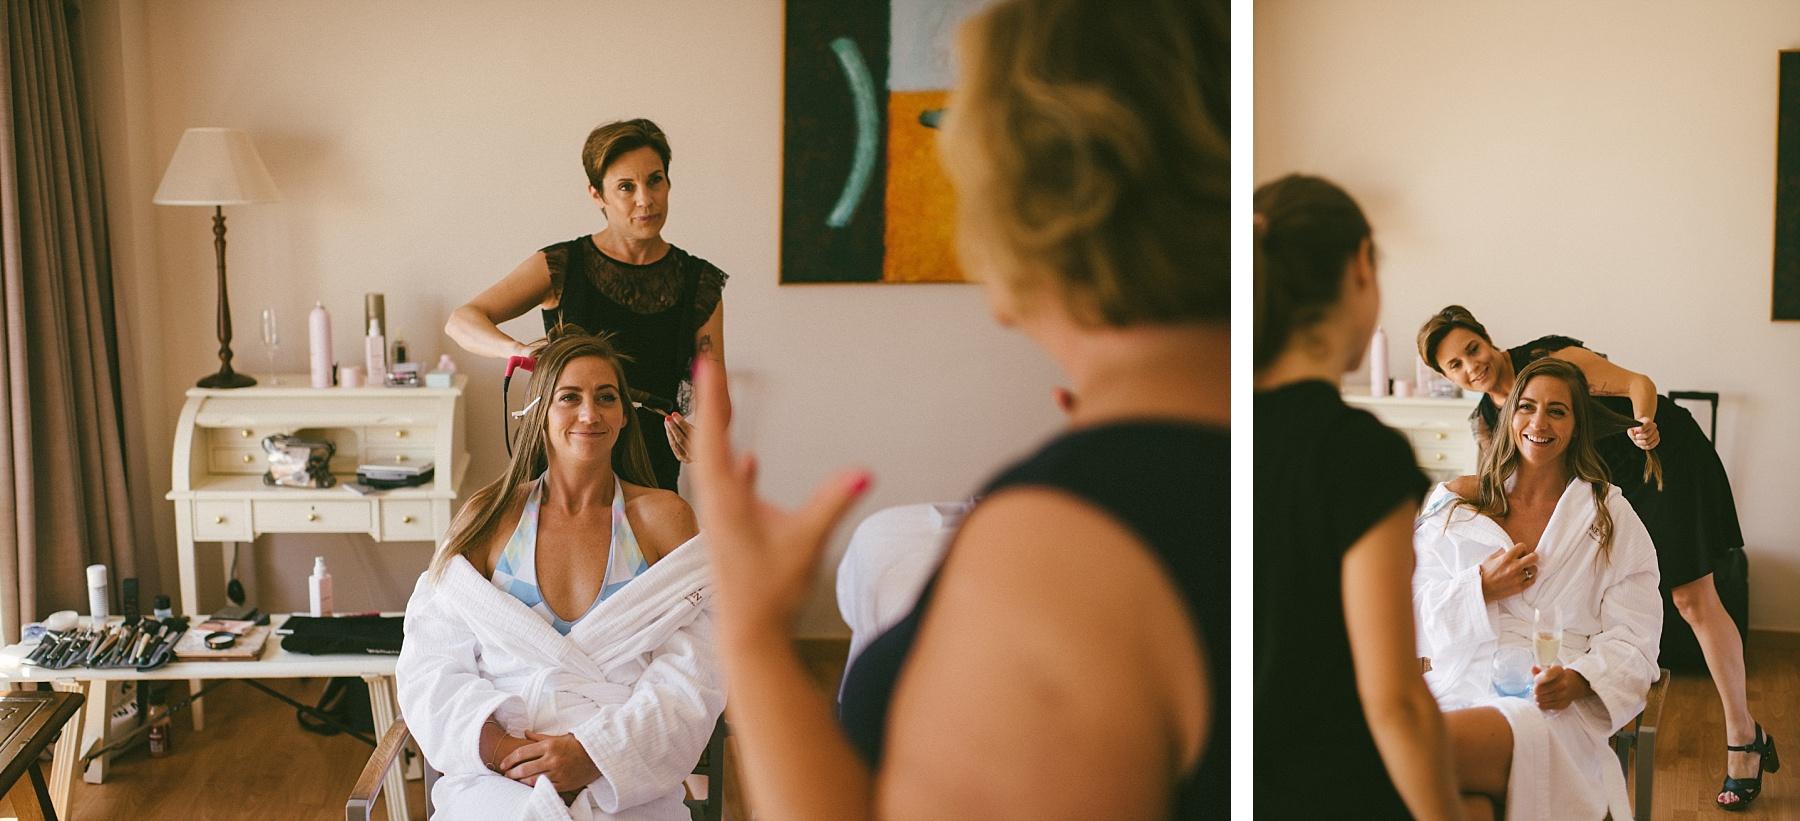 Formentor Hotel wedding